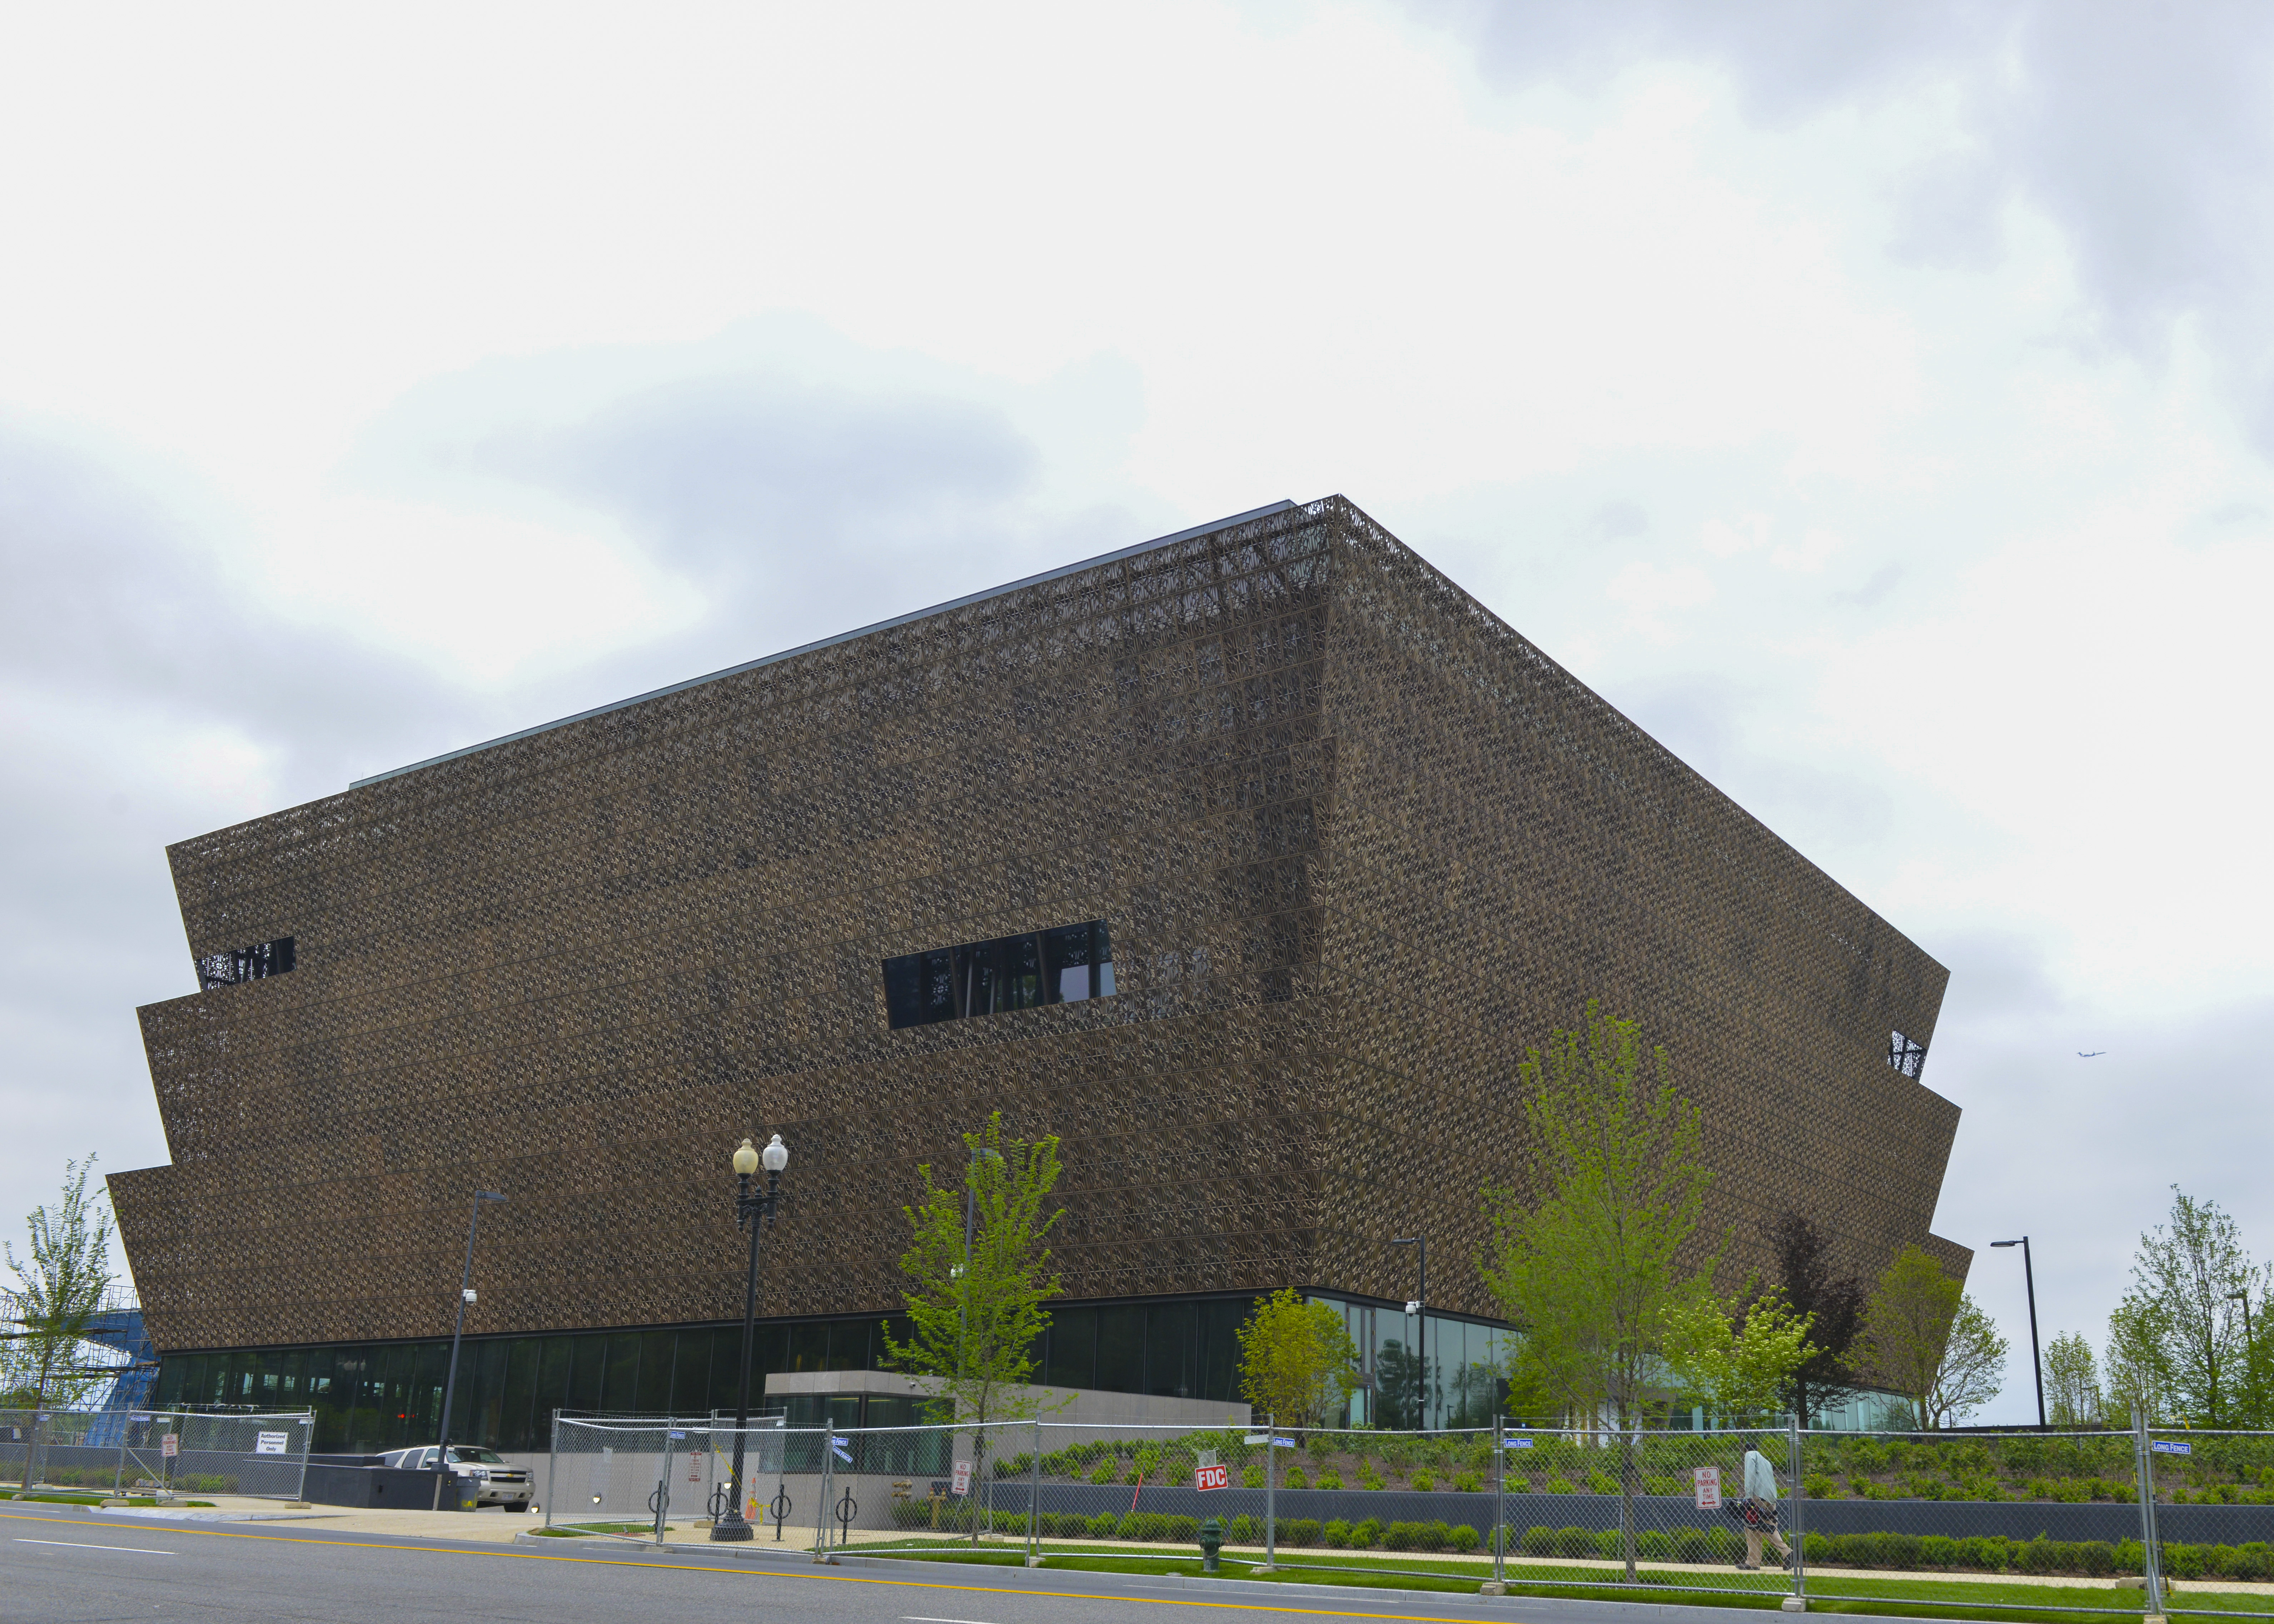 blackmuseum_9806_hires